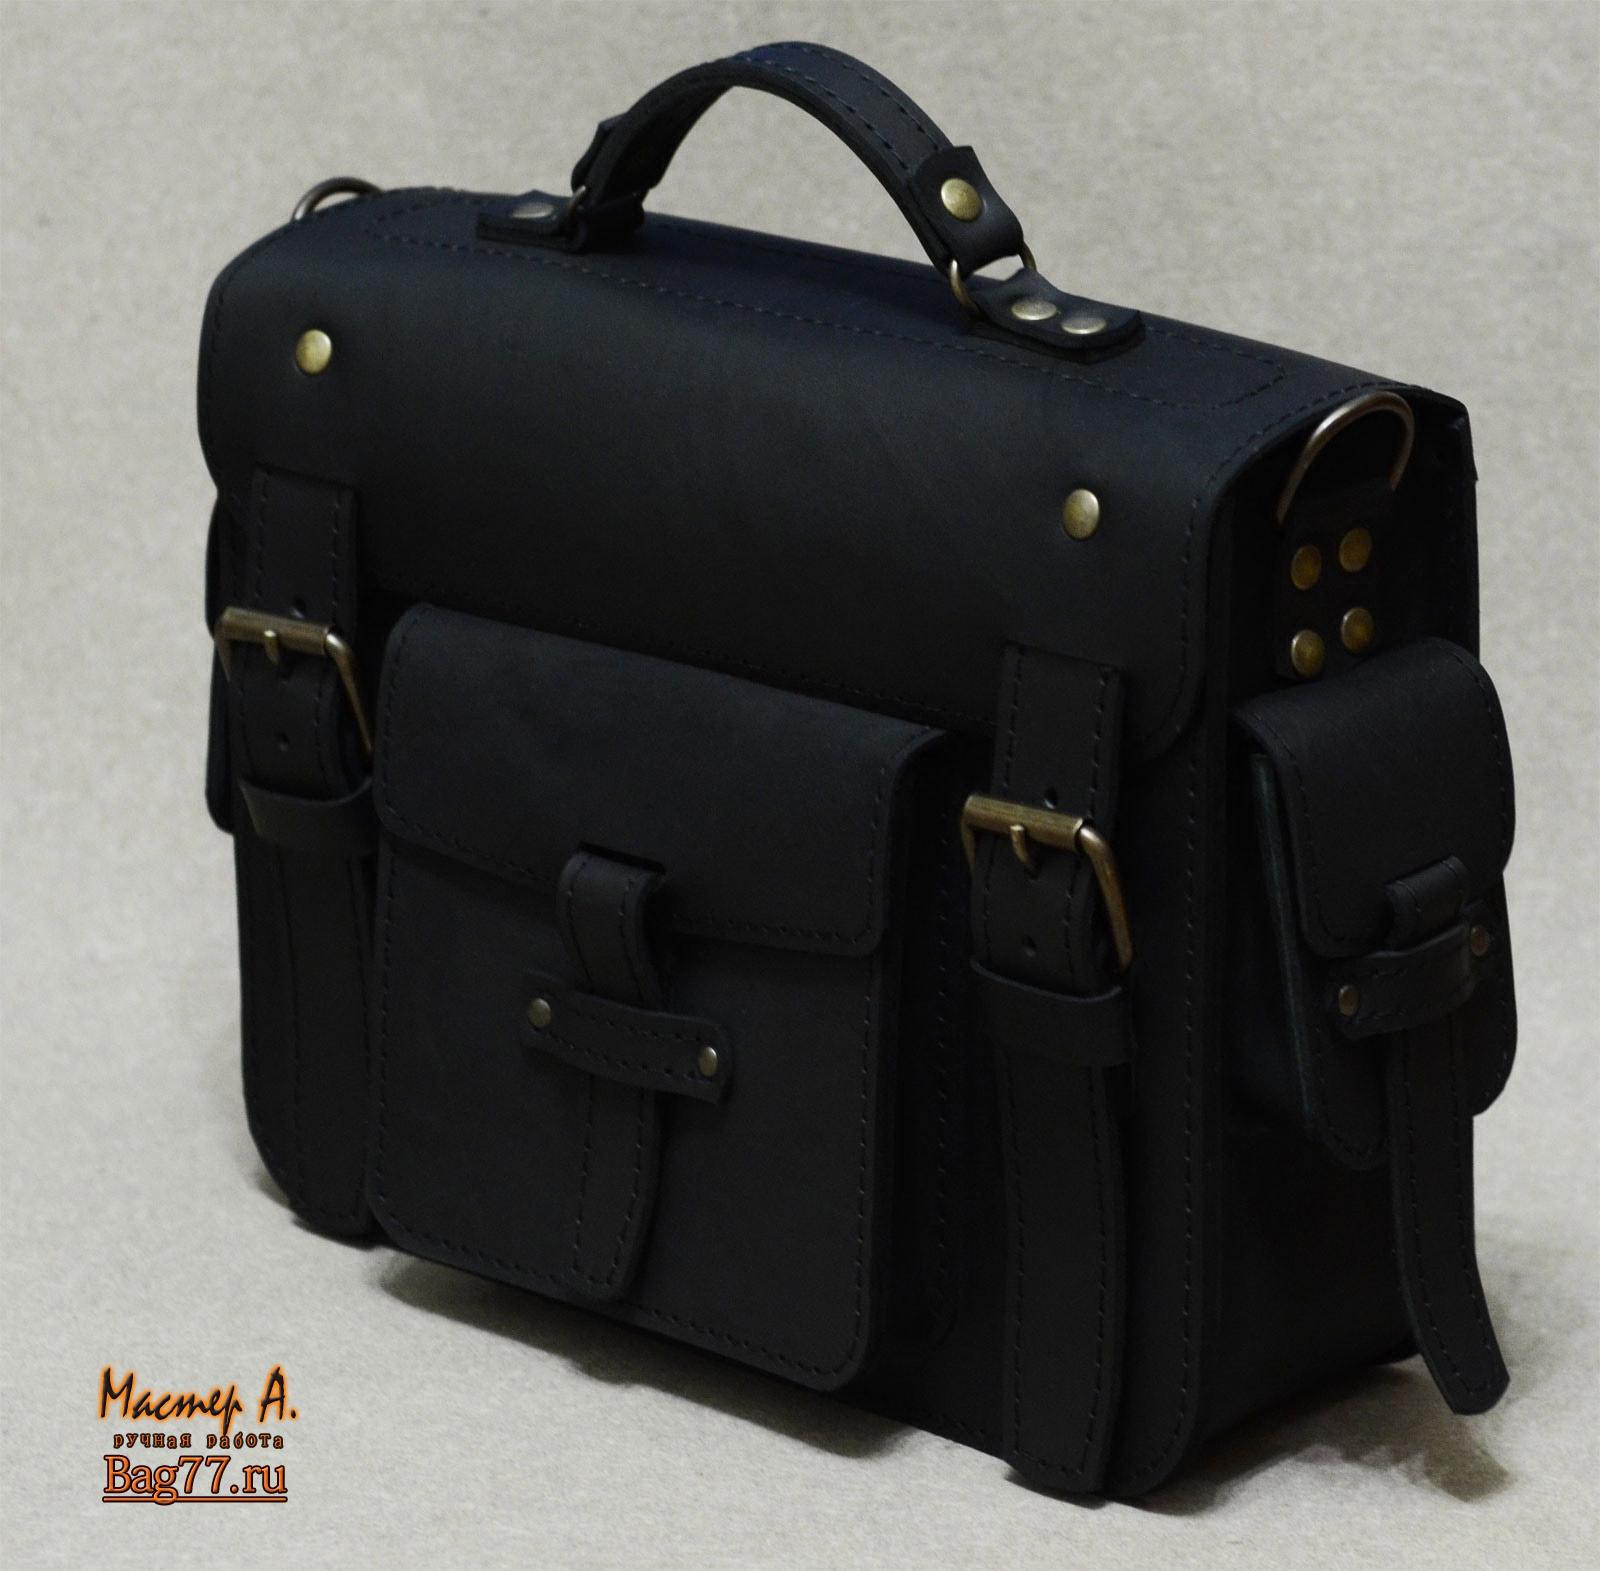 941577d88da5 Стильный неклассический кожаный портфель « Bag77.ru — кожаные сумки ...